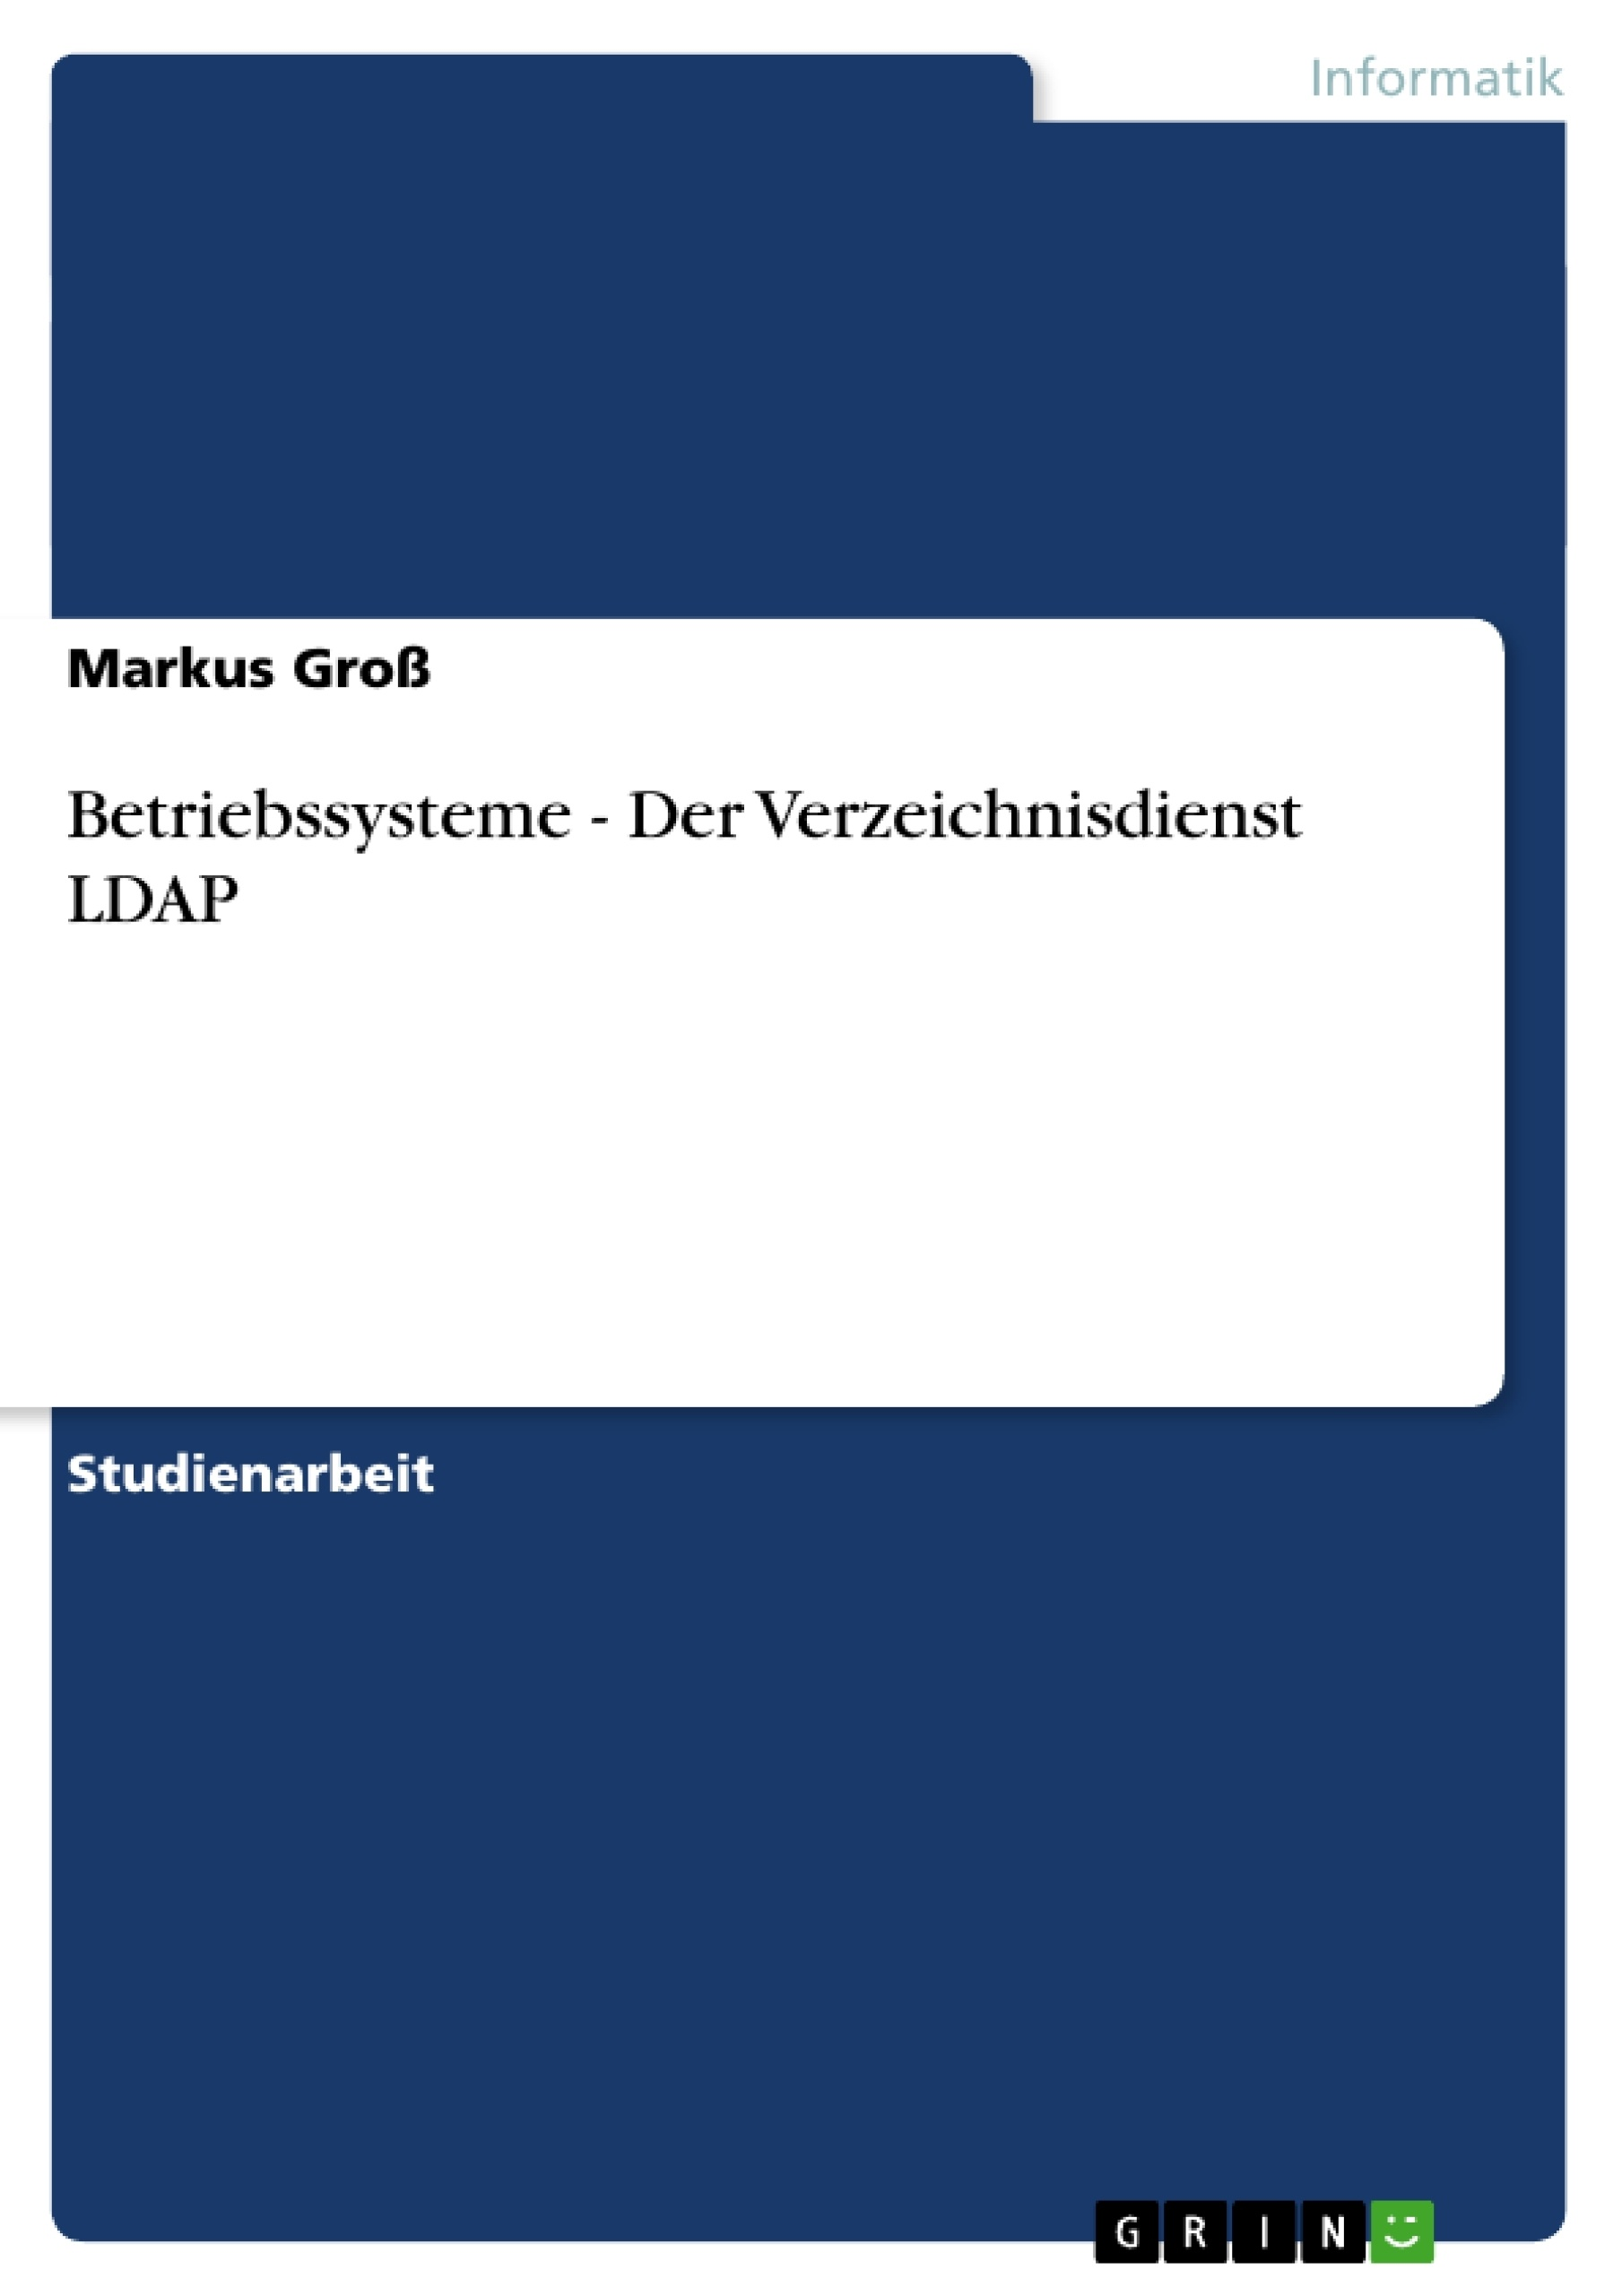 Titel: Betriebssysteme - Der Verzeichnisdienst LDAP